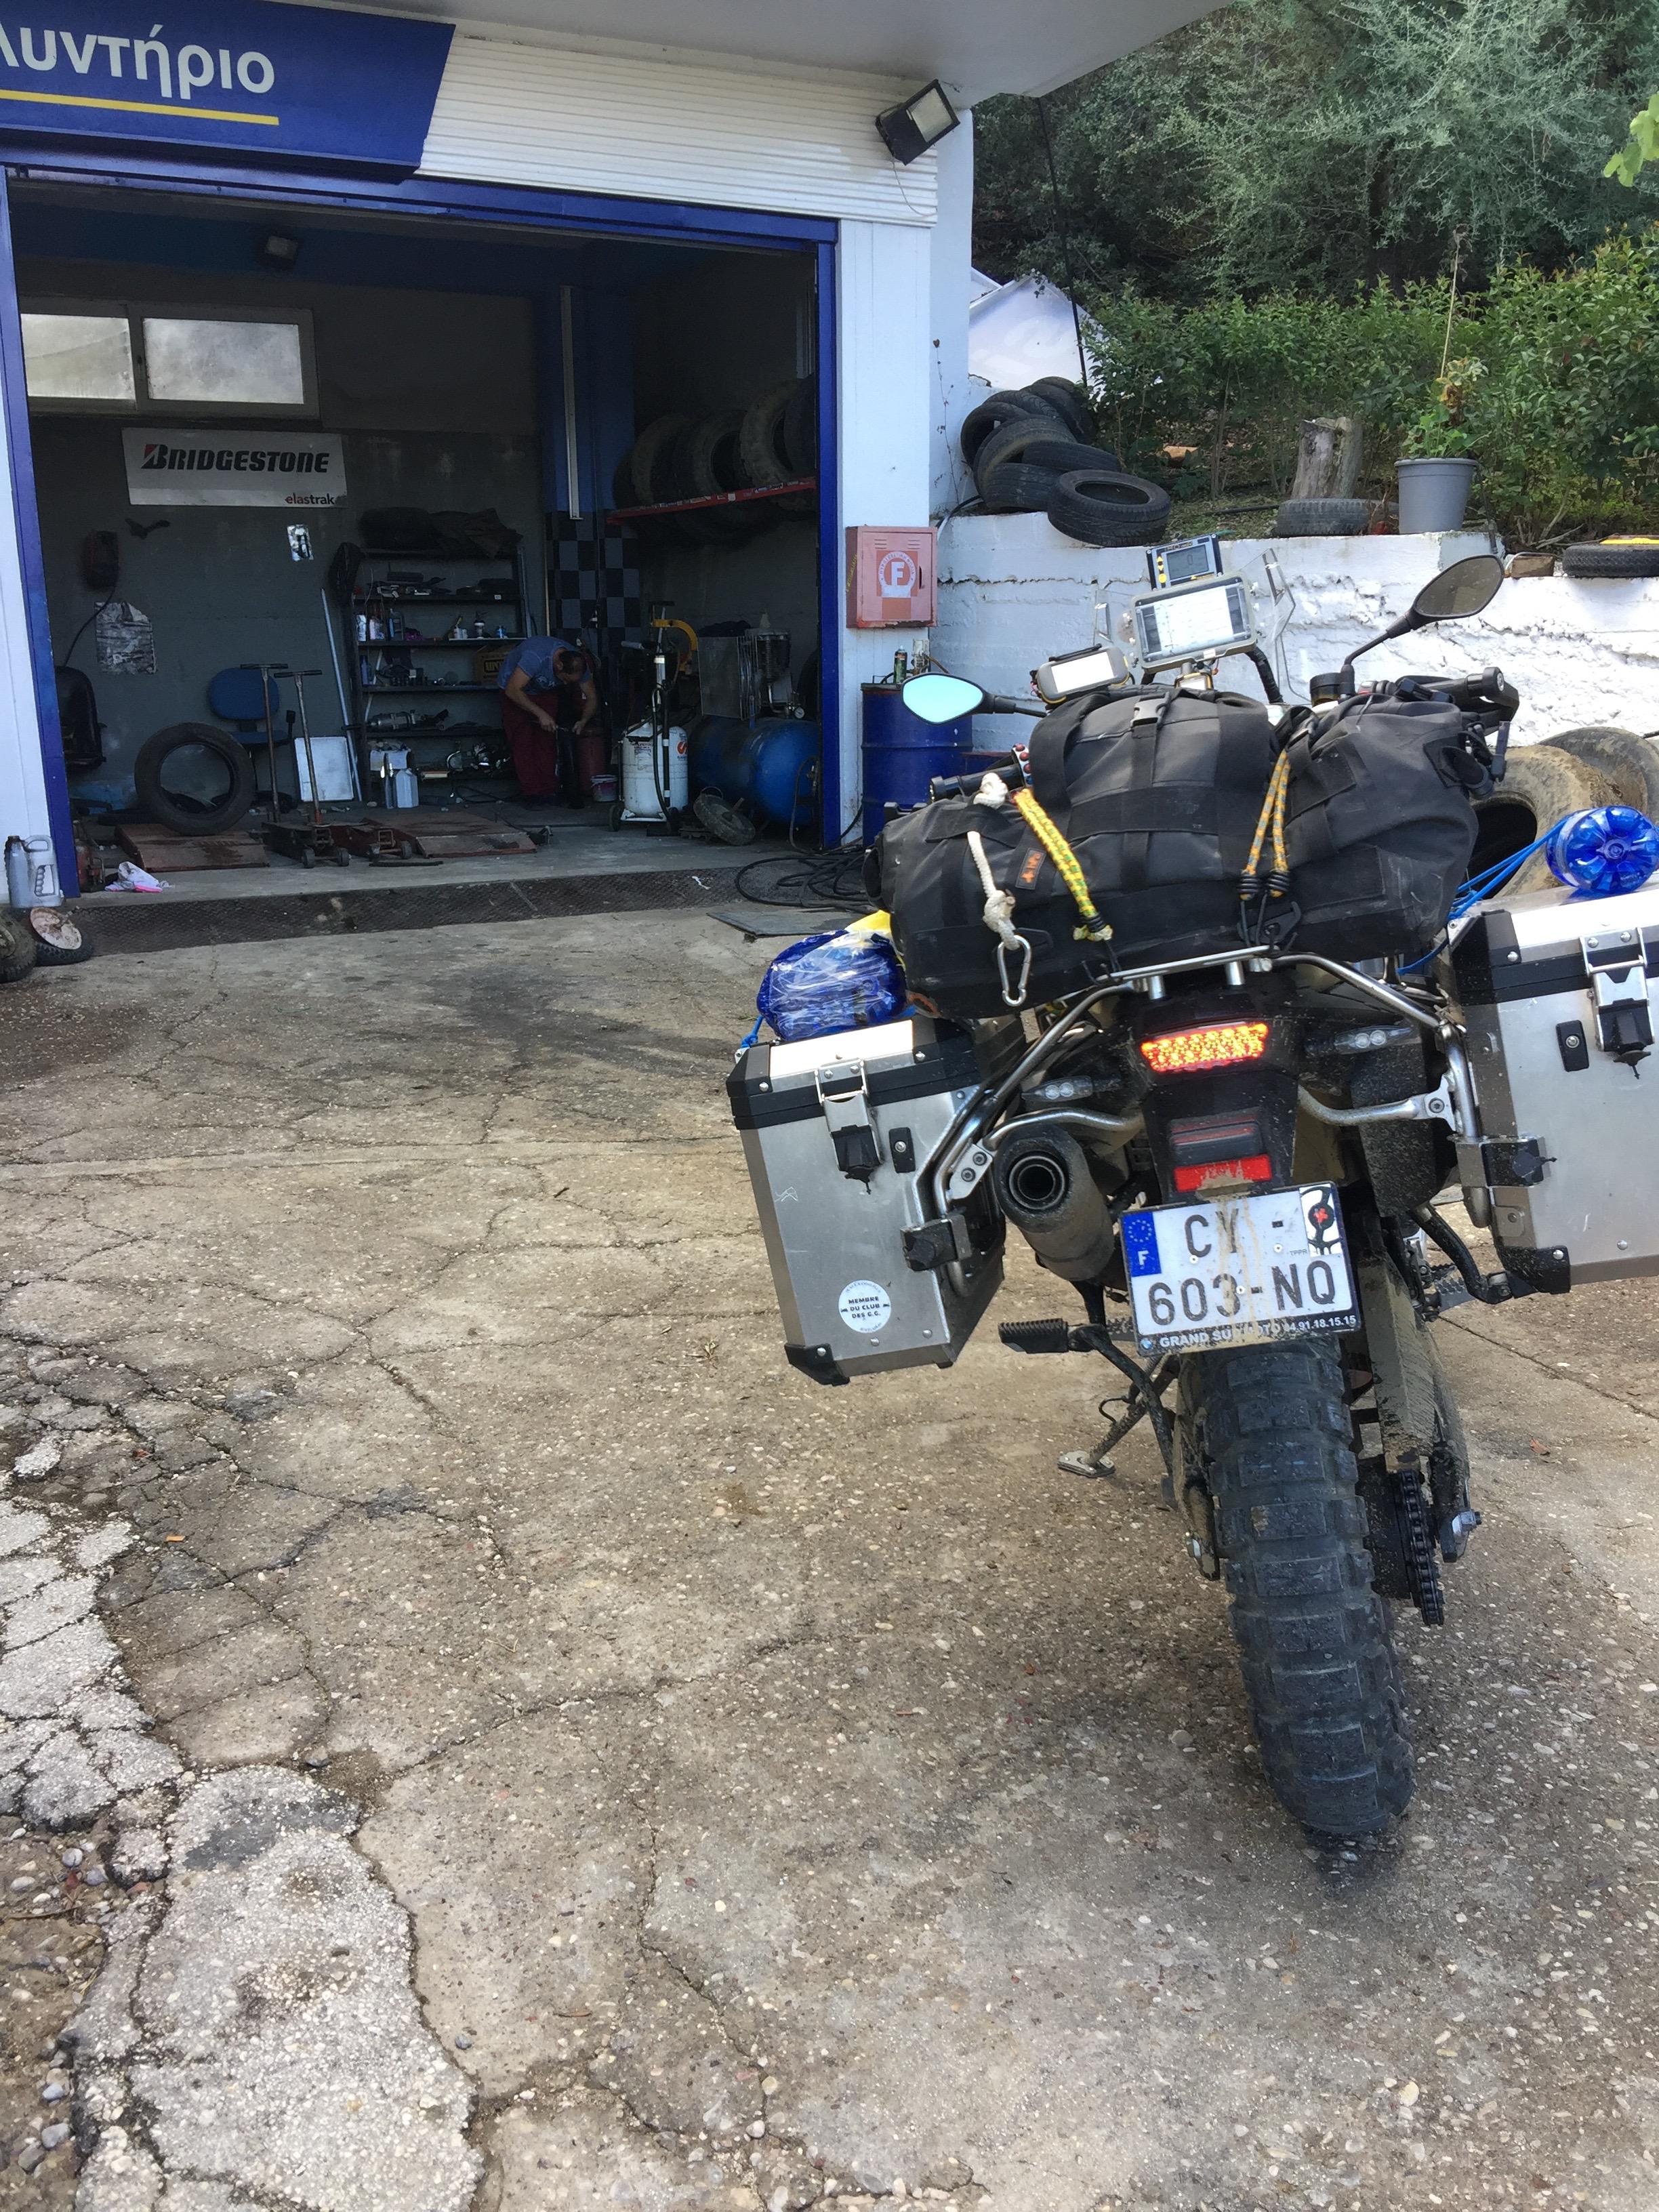 Grèce - Destination Météores par trail rando 161003035150355349